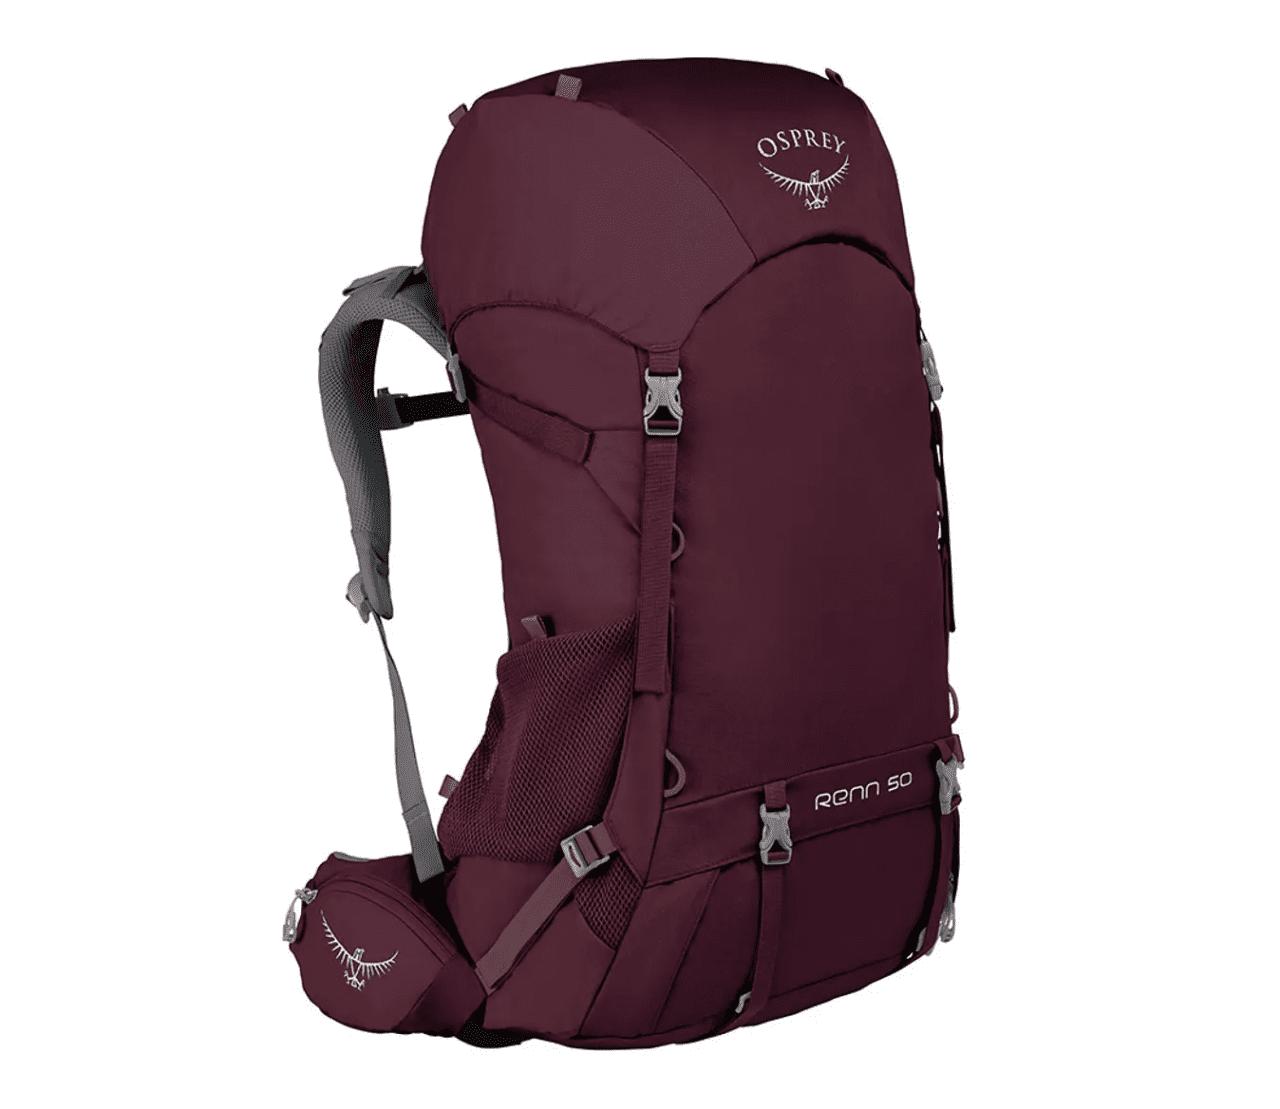 mochila de viagem osprey